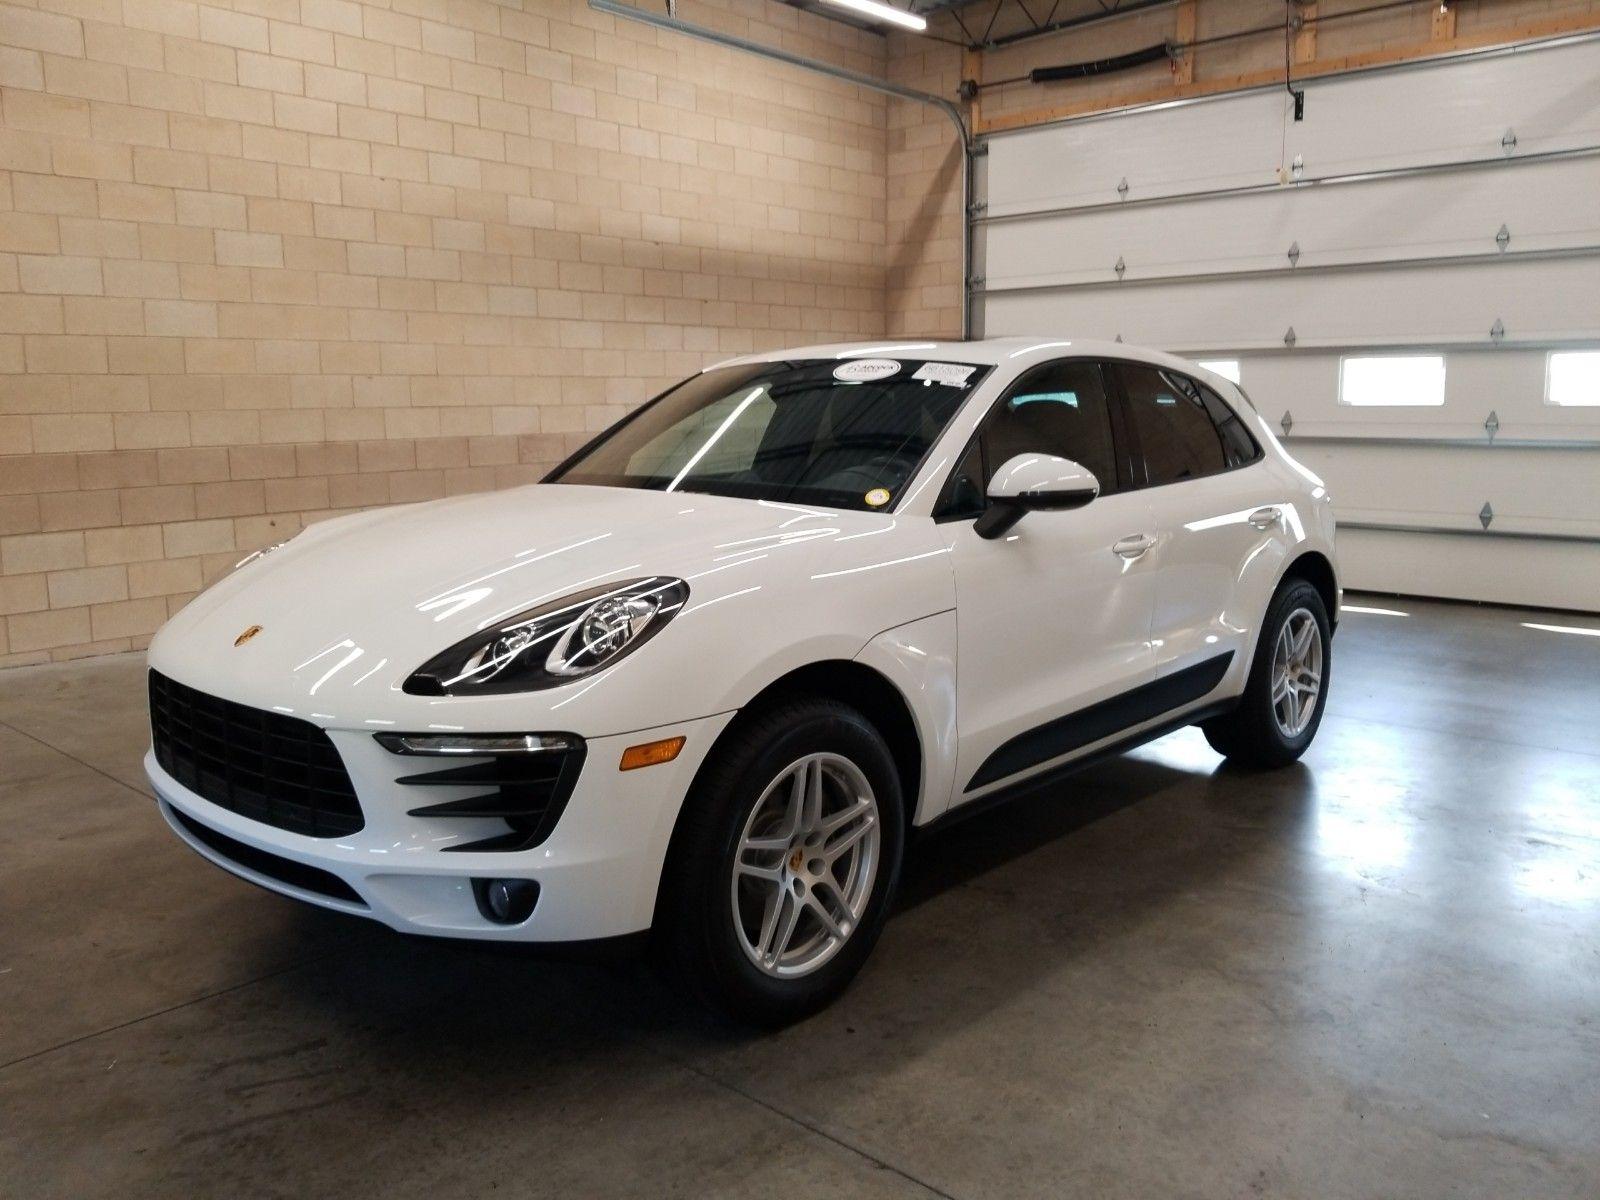 2018 Porsche Macan 2.0. Lot 99921282448 Vin WP1AA2A51JLB07791